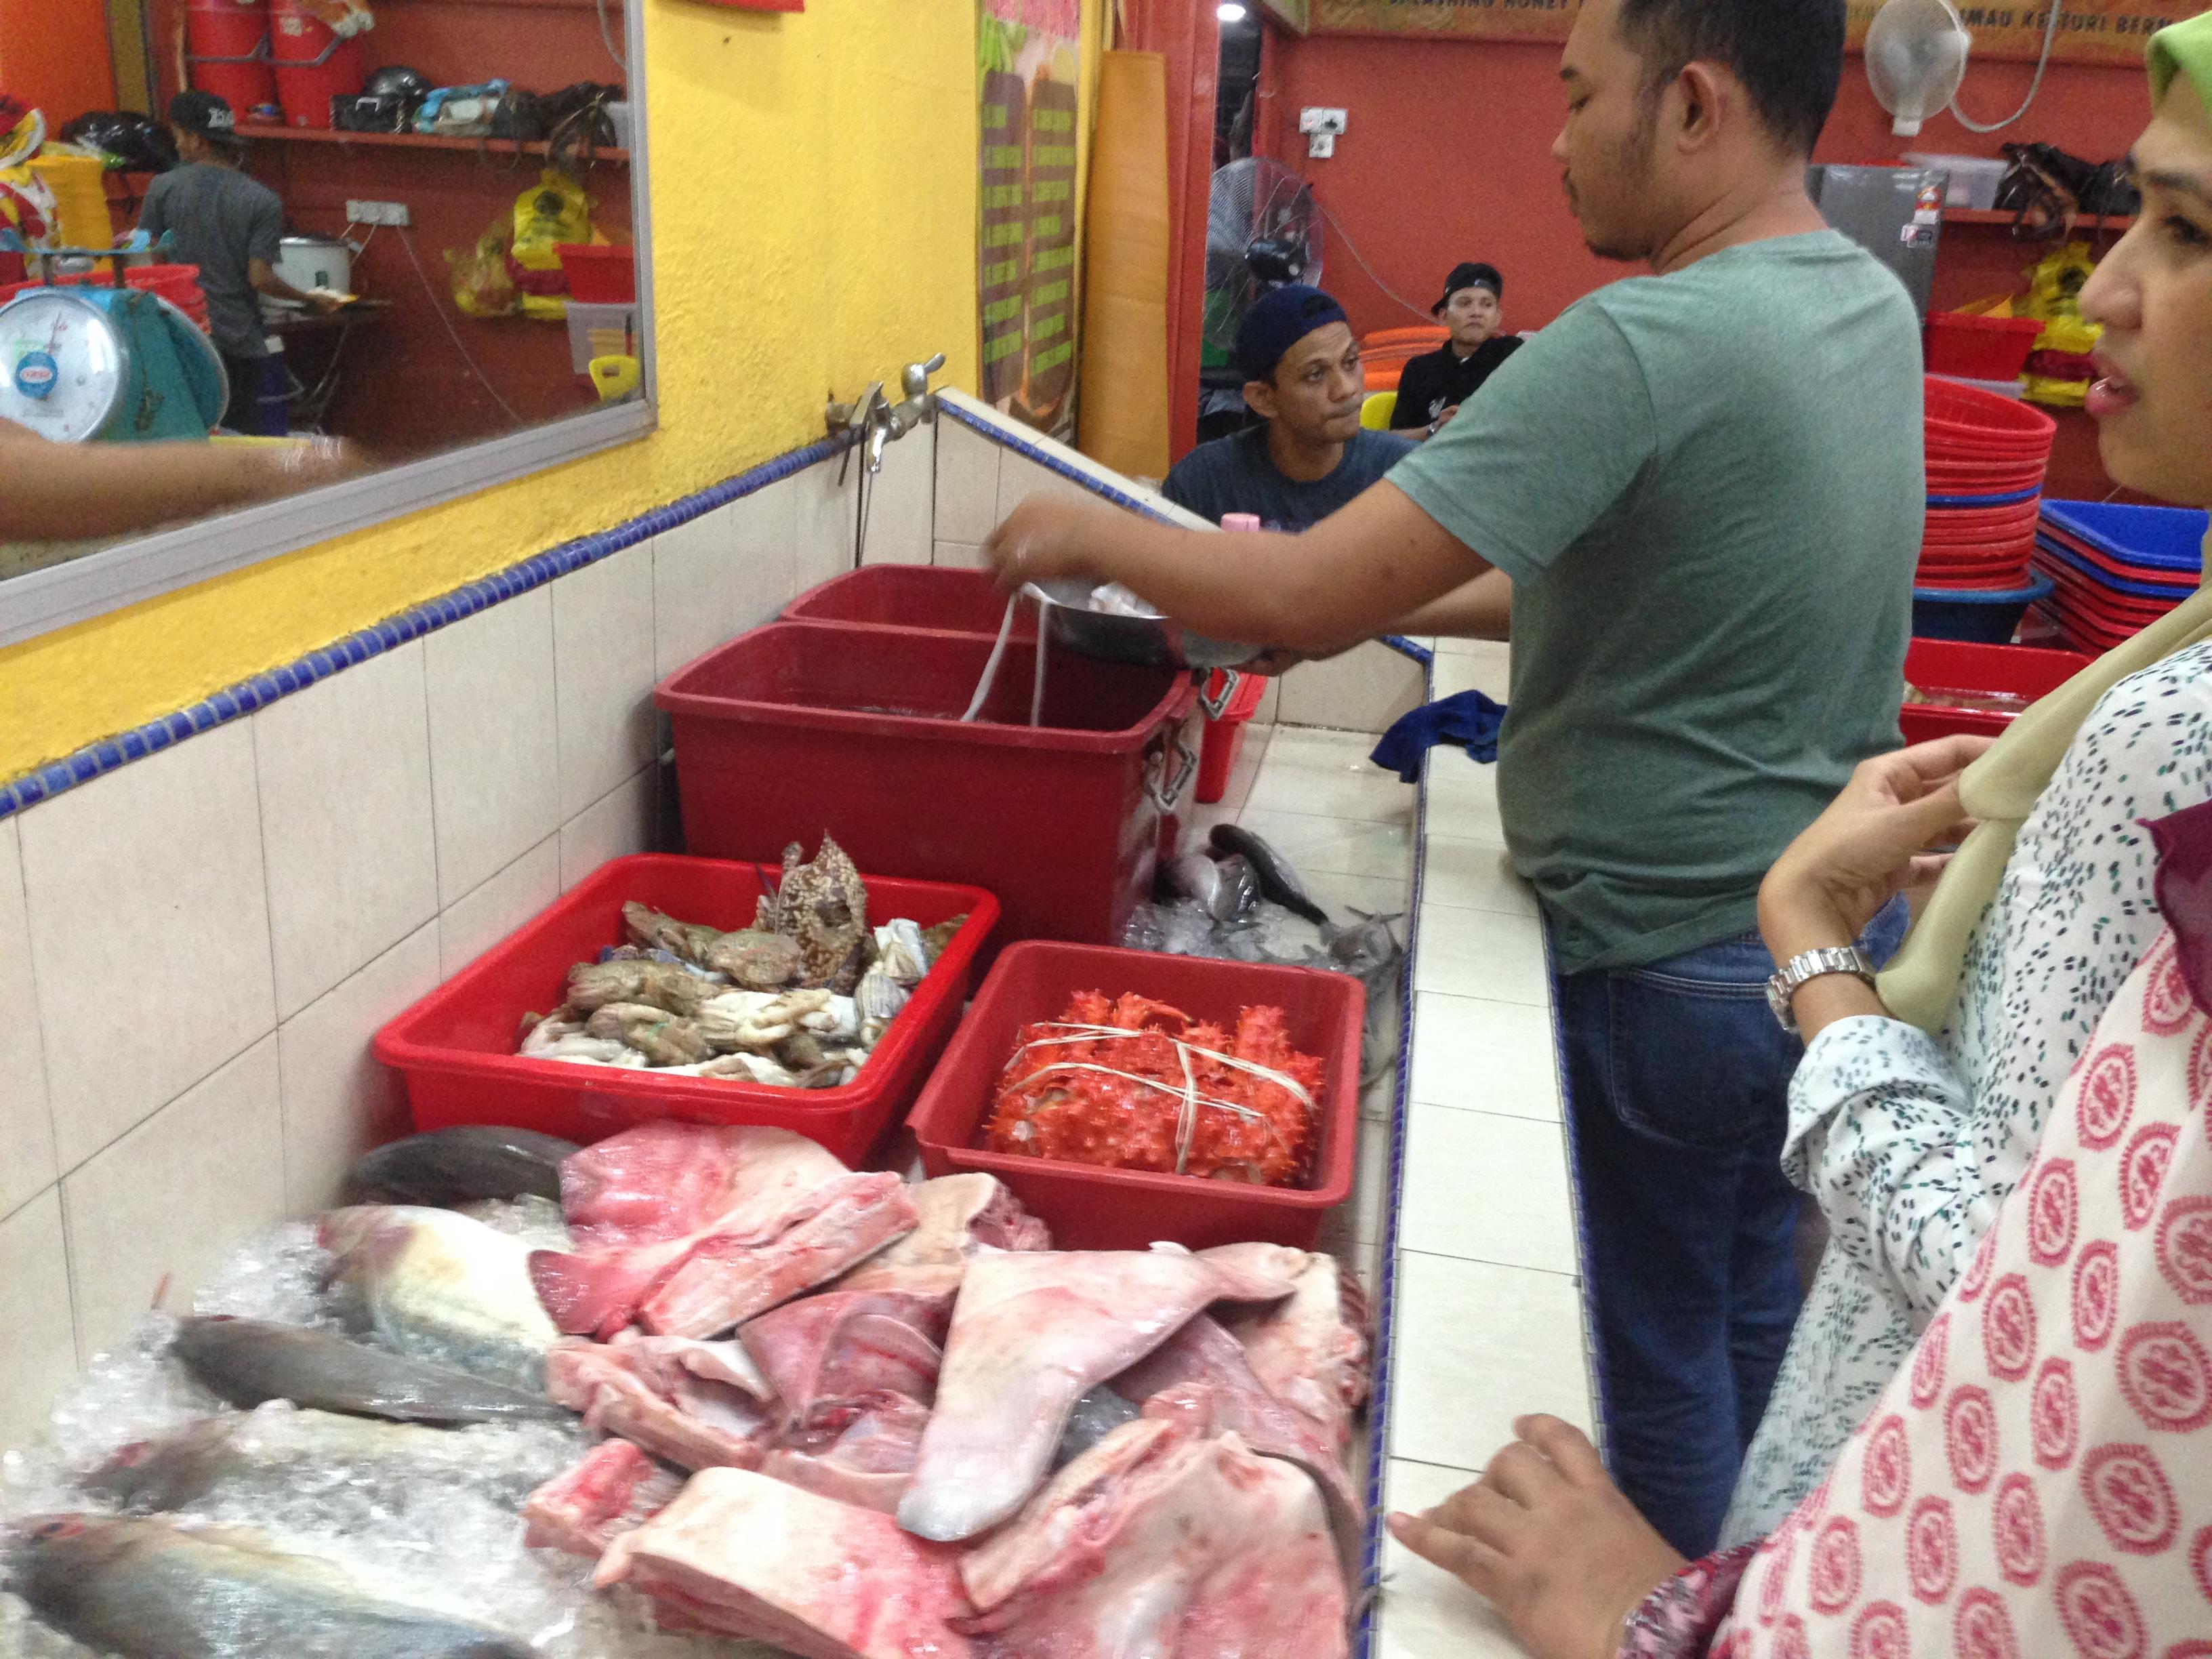 Ikan Bakar Muara Sungai Duyong Kedai Makan Sedap Melaka